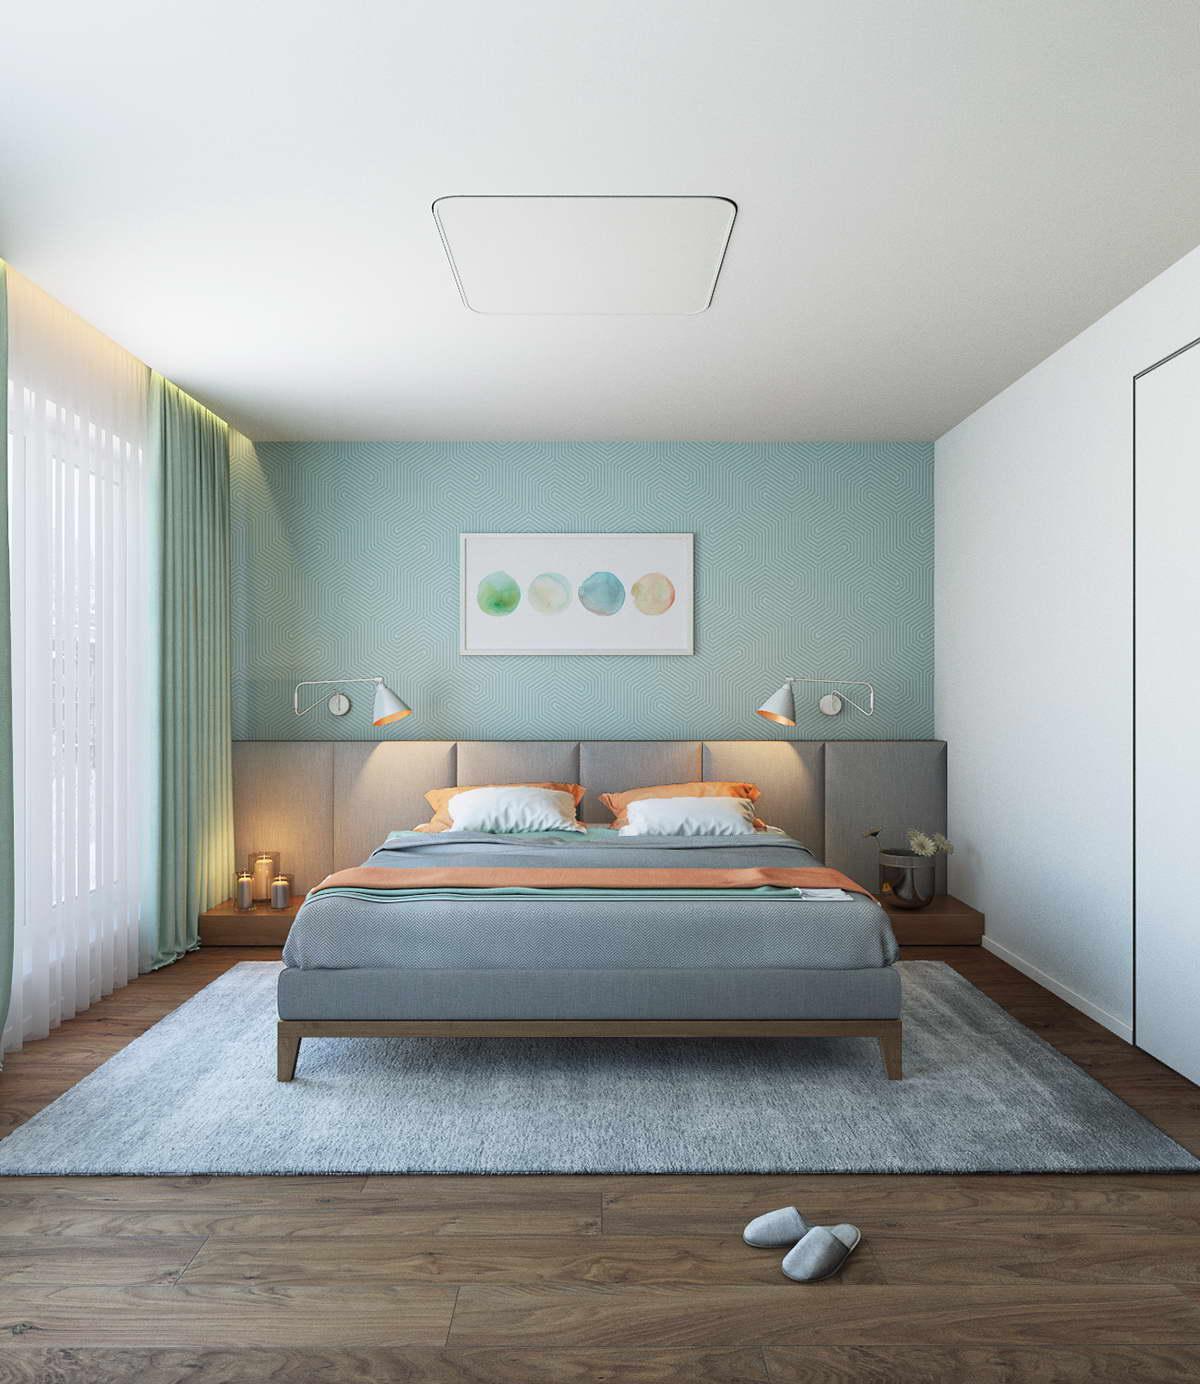 ... kék hálószoba fal inspiráció festett hálószoba fal inspiráció fehér ... 6e6138dd09